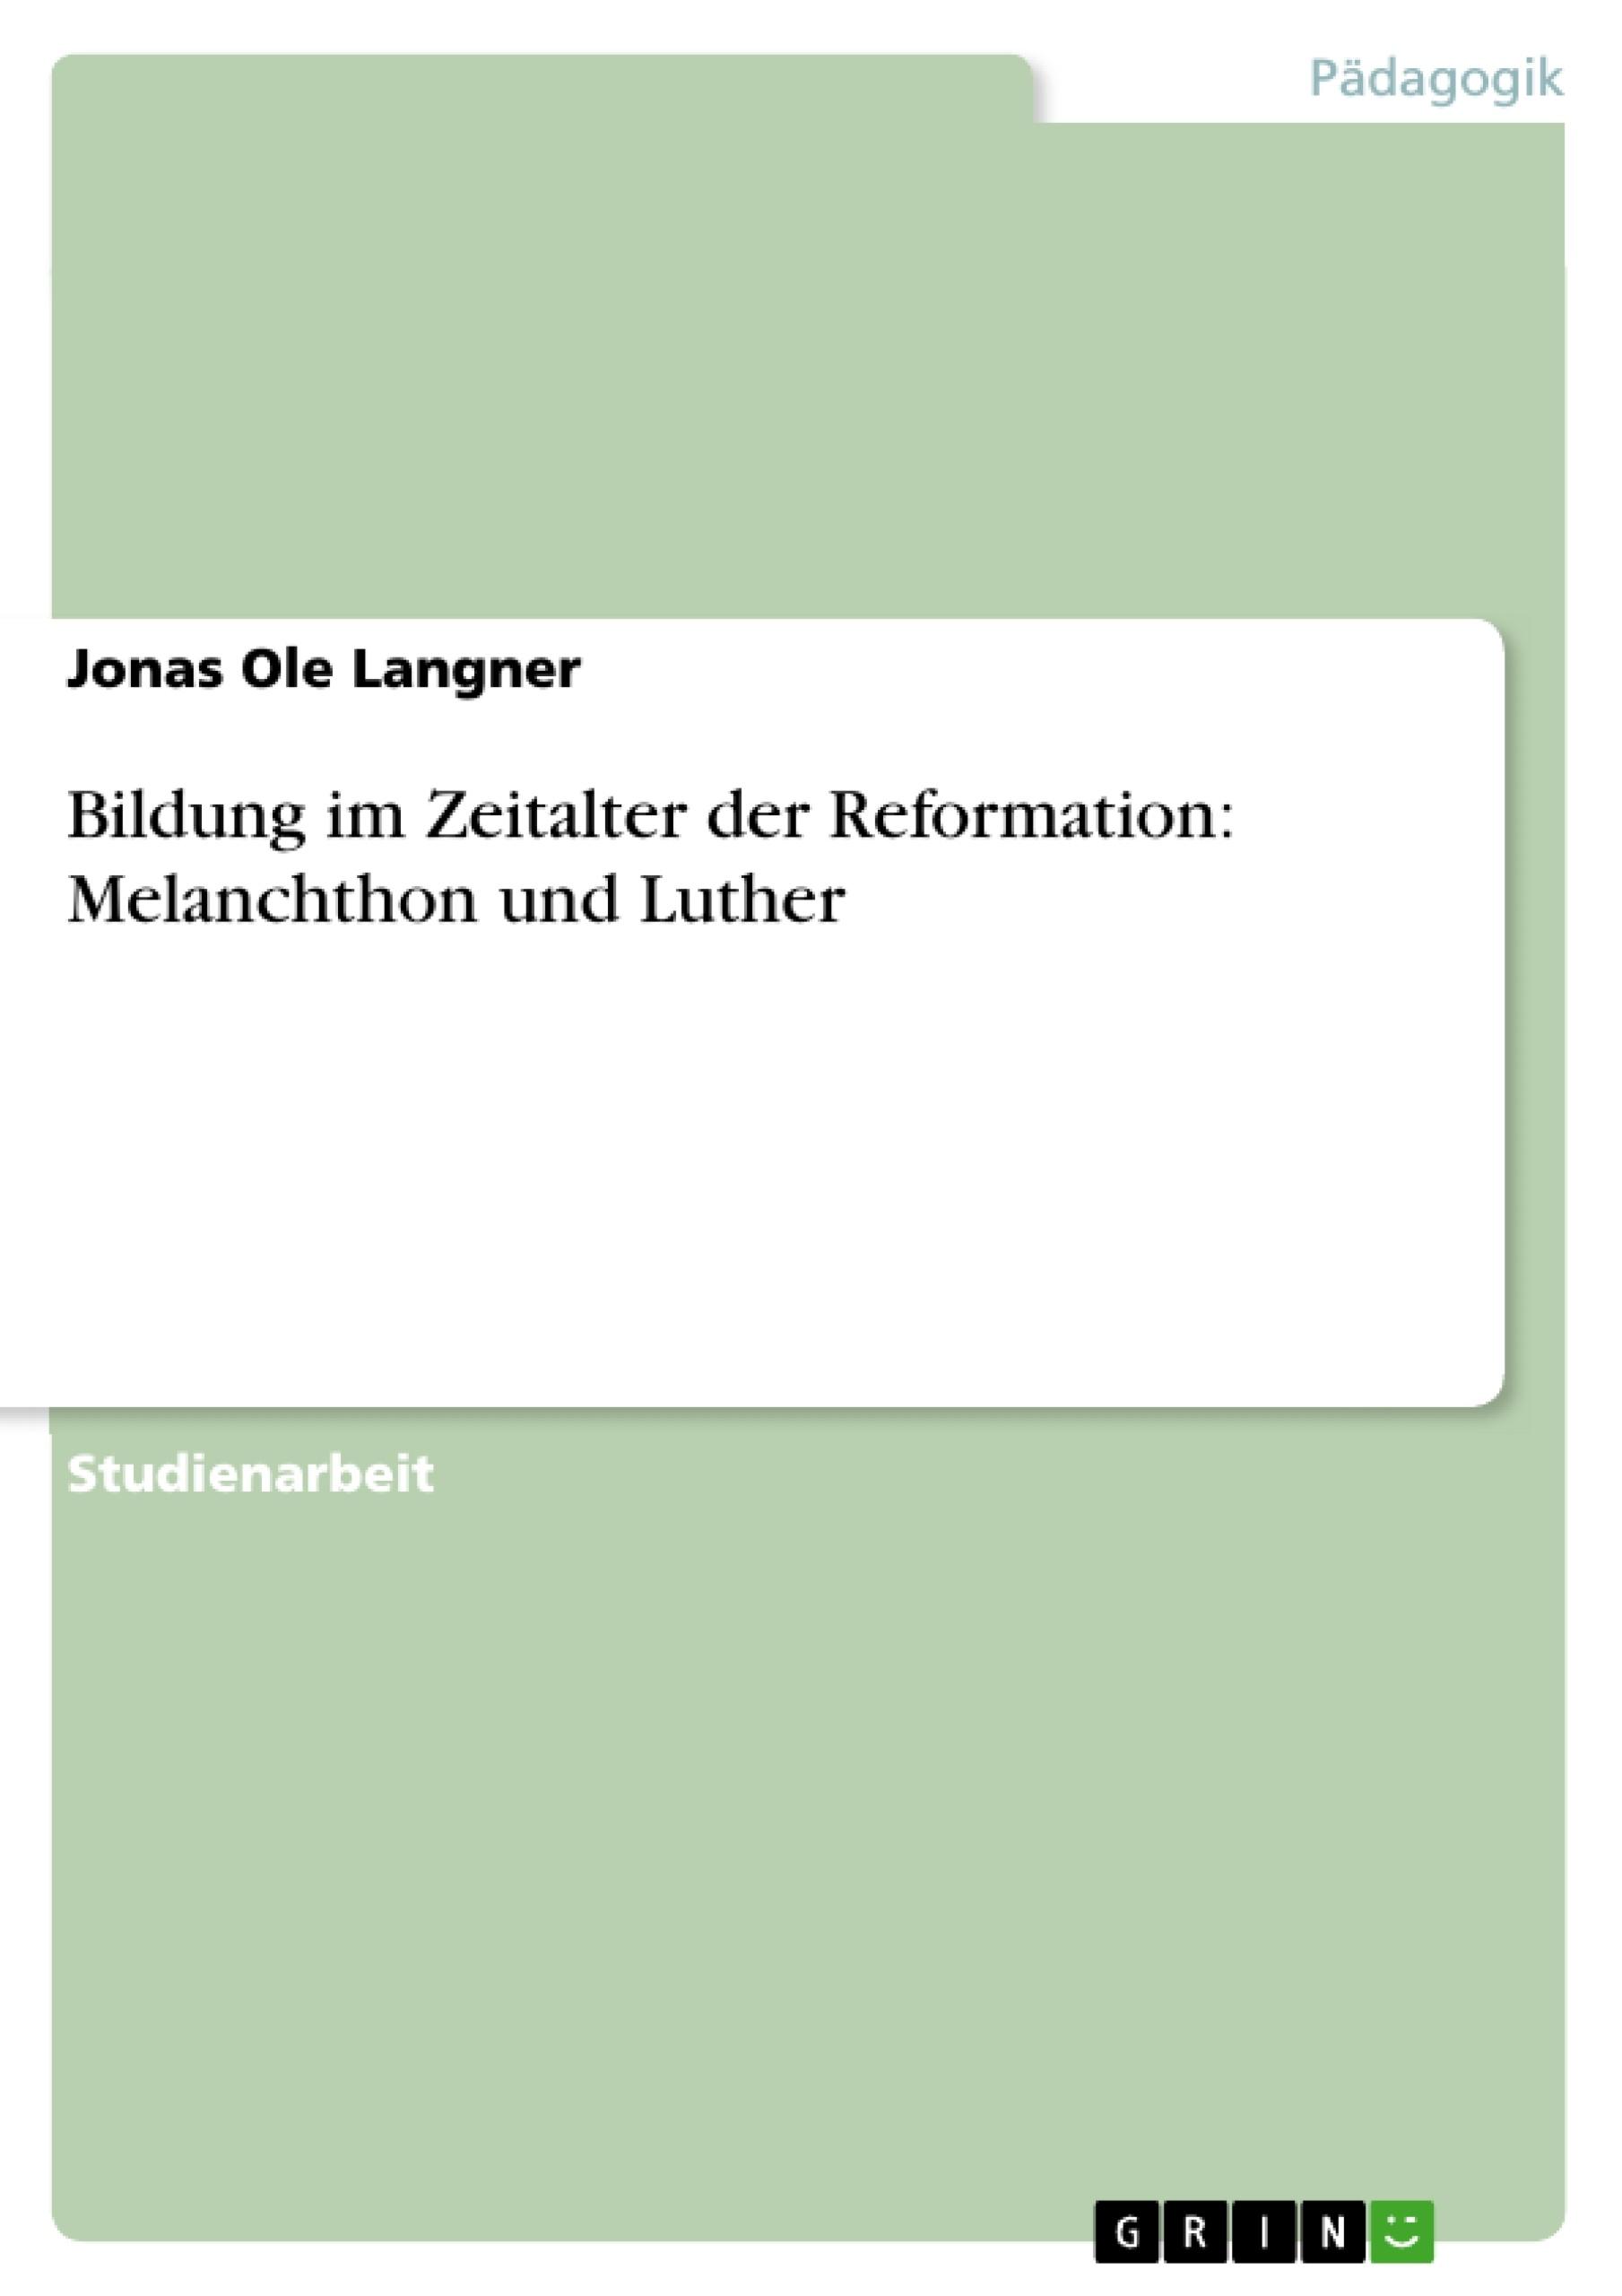 Titel: Bildung im Zeitalter der Reformation: Melanchthon und Luther